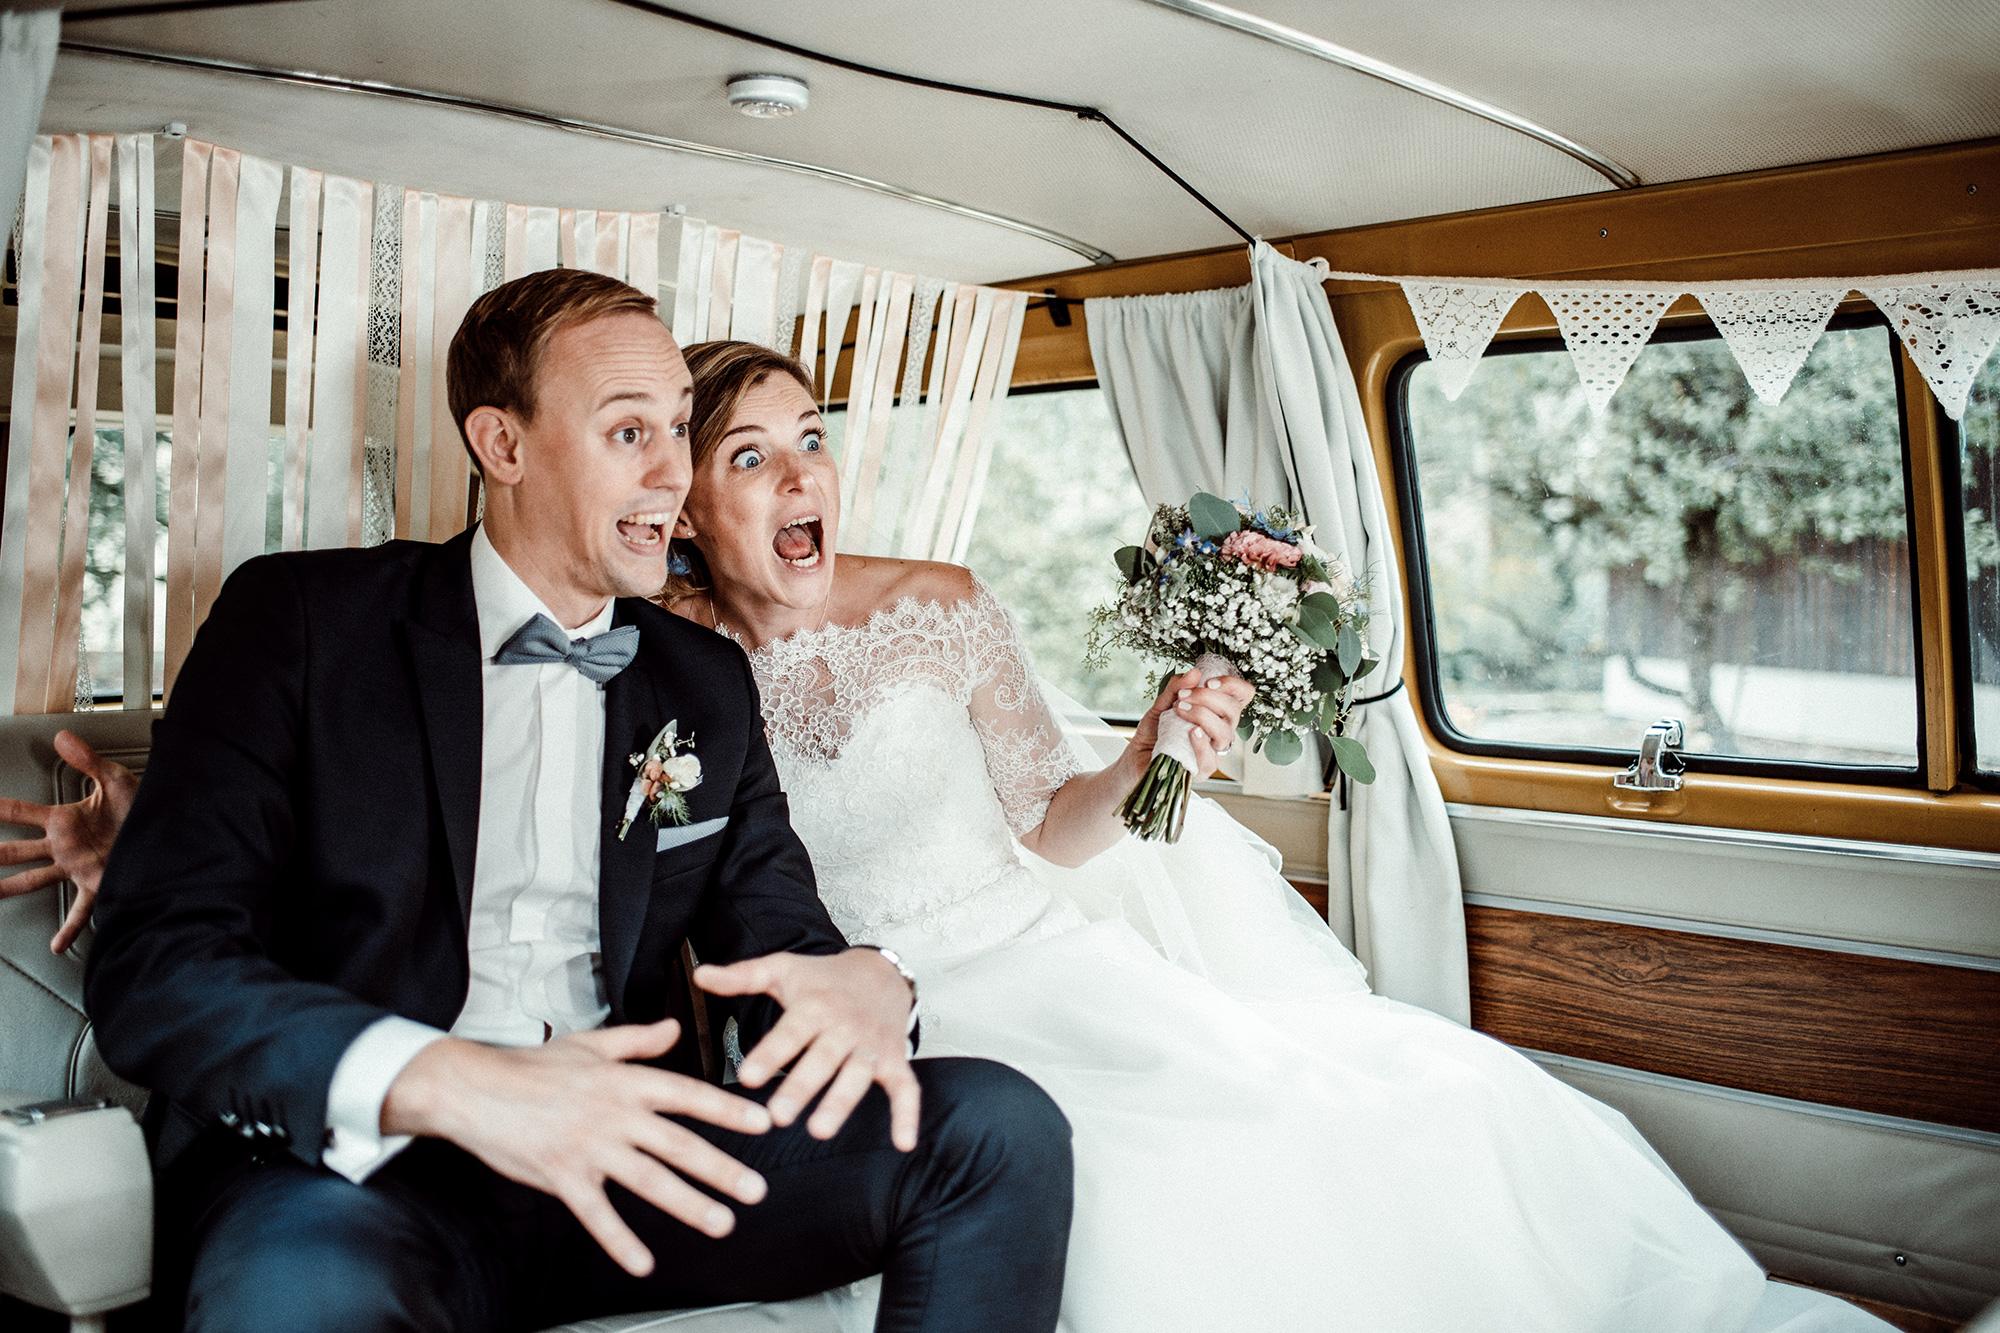 Fotobus-Jimmy-Fotobulli–Hochzeit-Fotobooth-Fotobox-V21.jpg